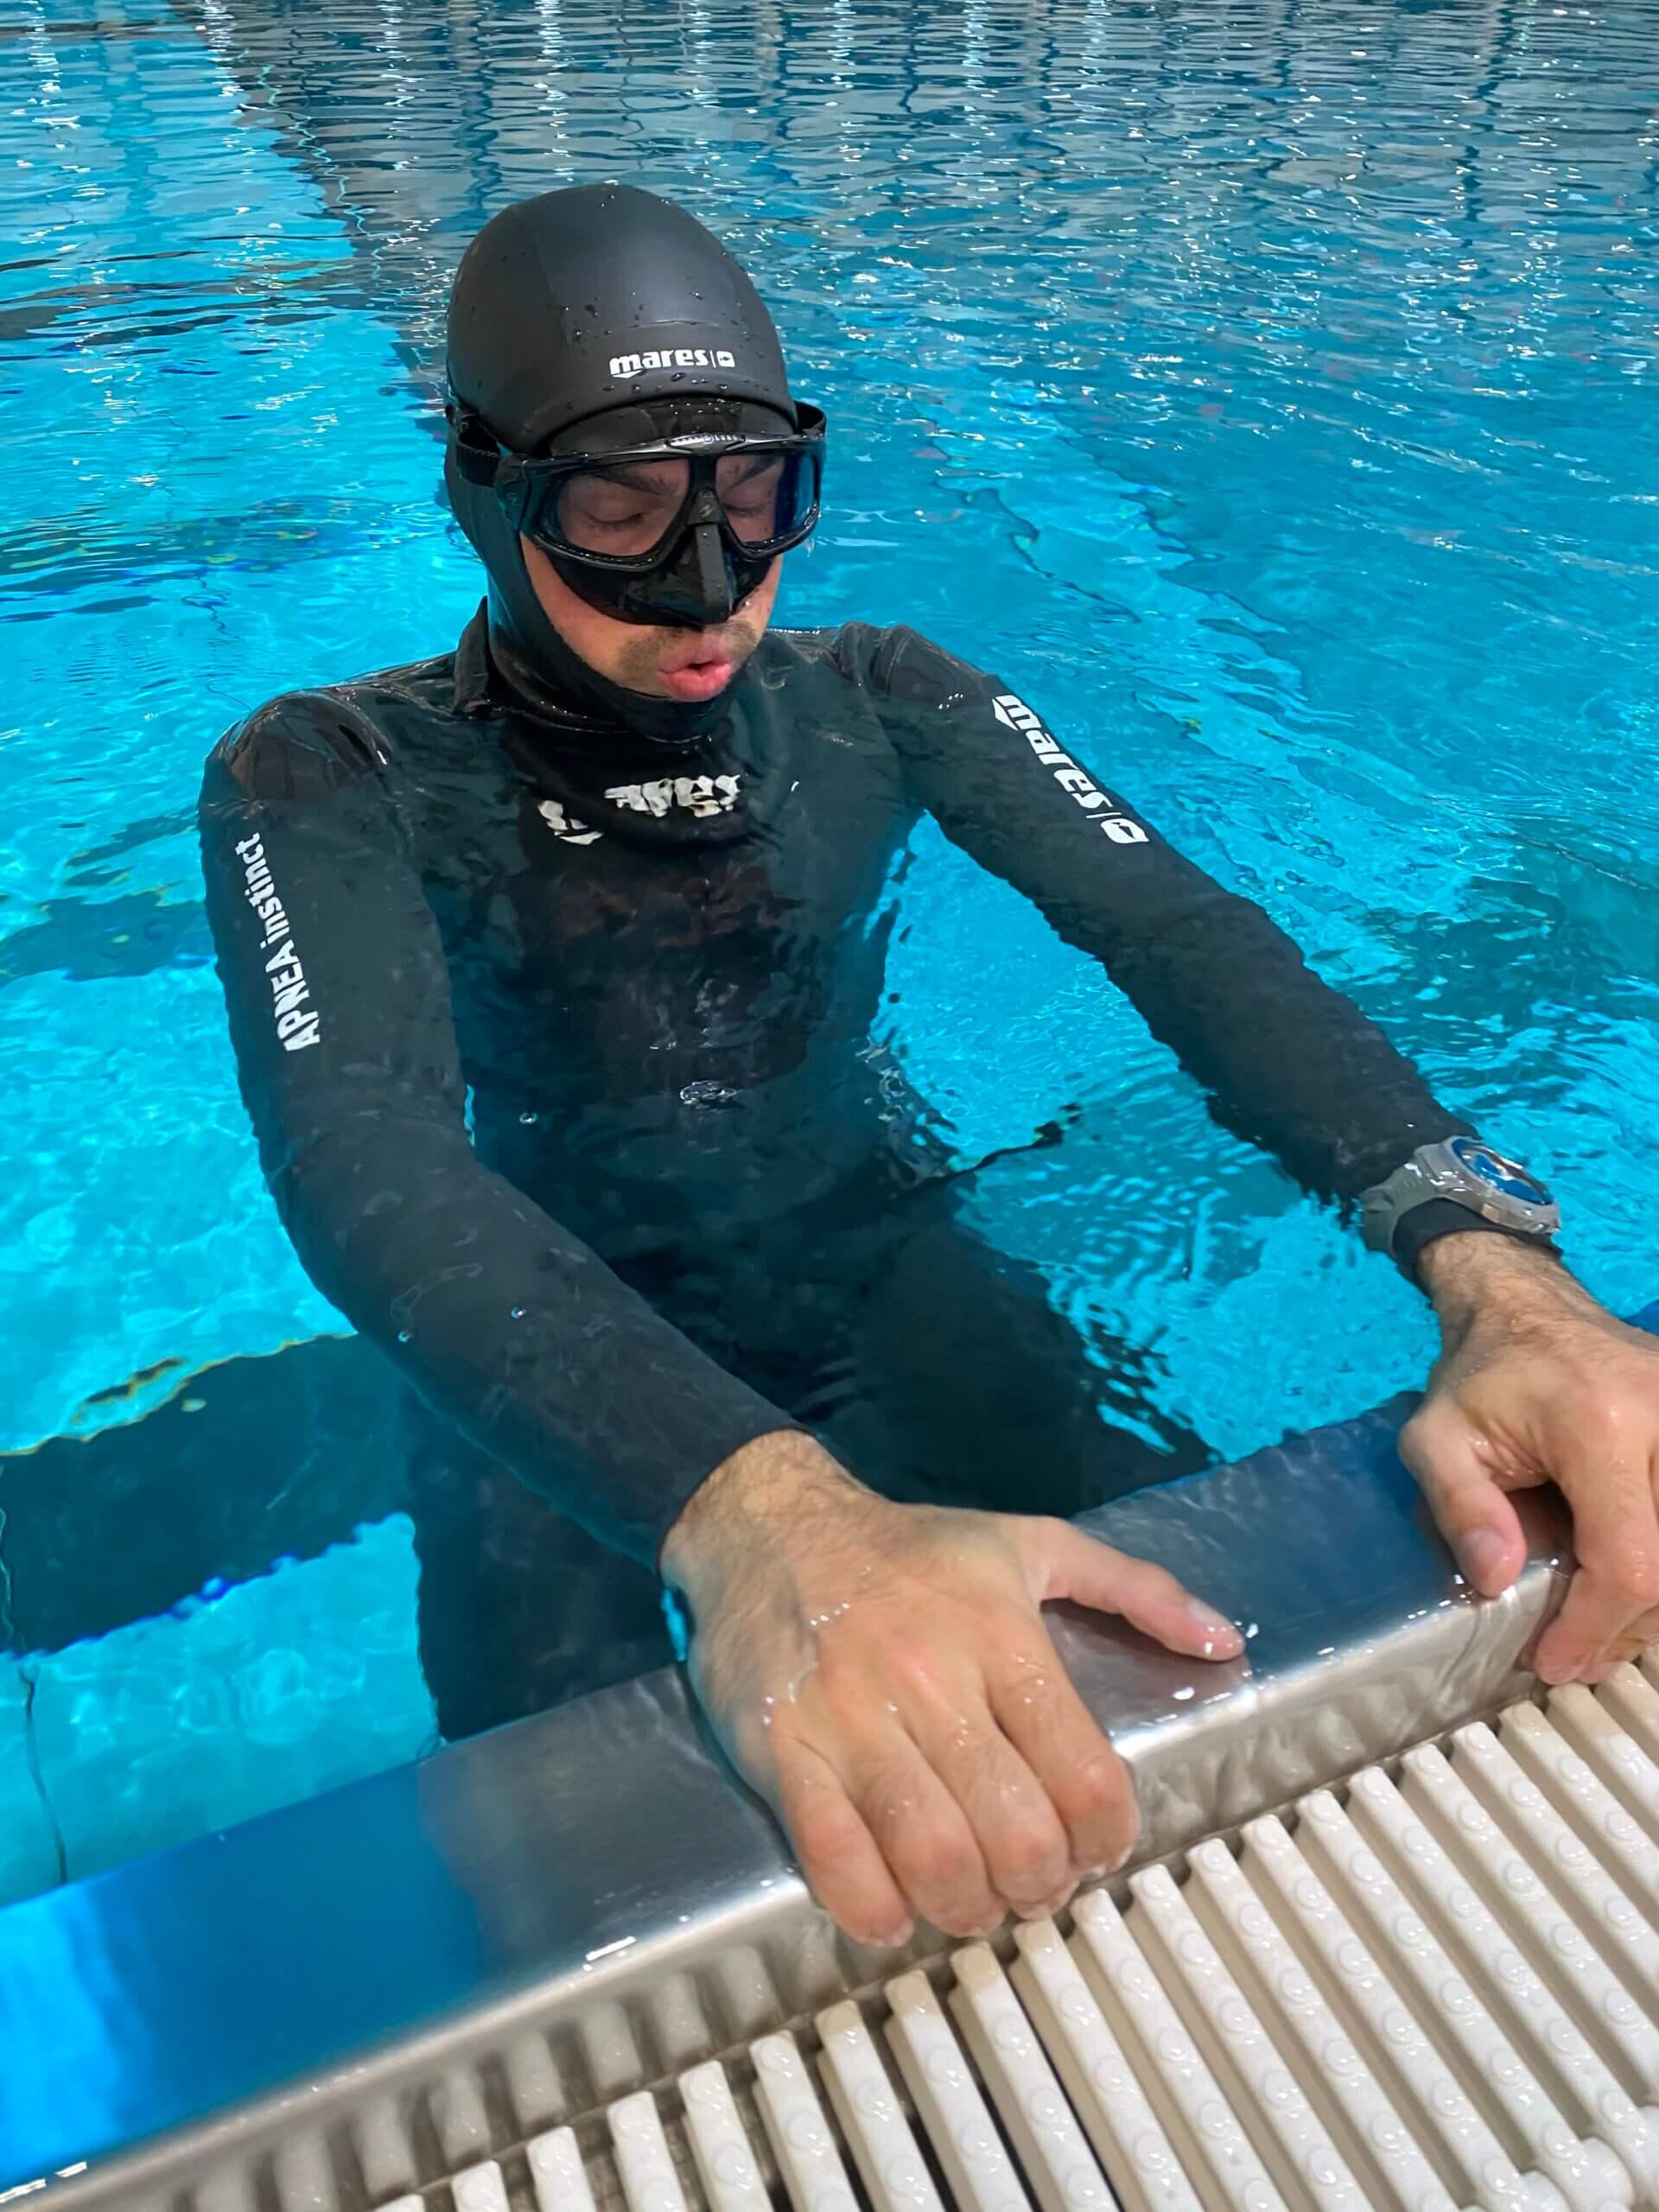 Y40 Terme Montegrotto, Italien – Free Diven & Tauchen im tiefsten Thermal Pool der Welt